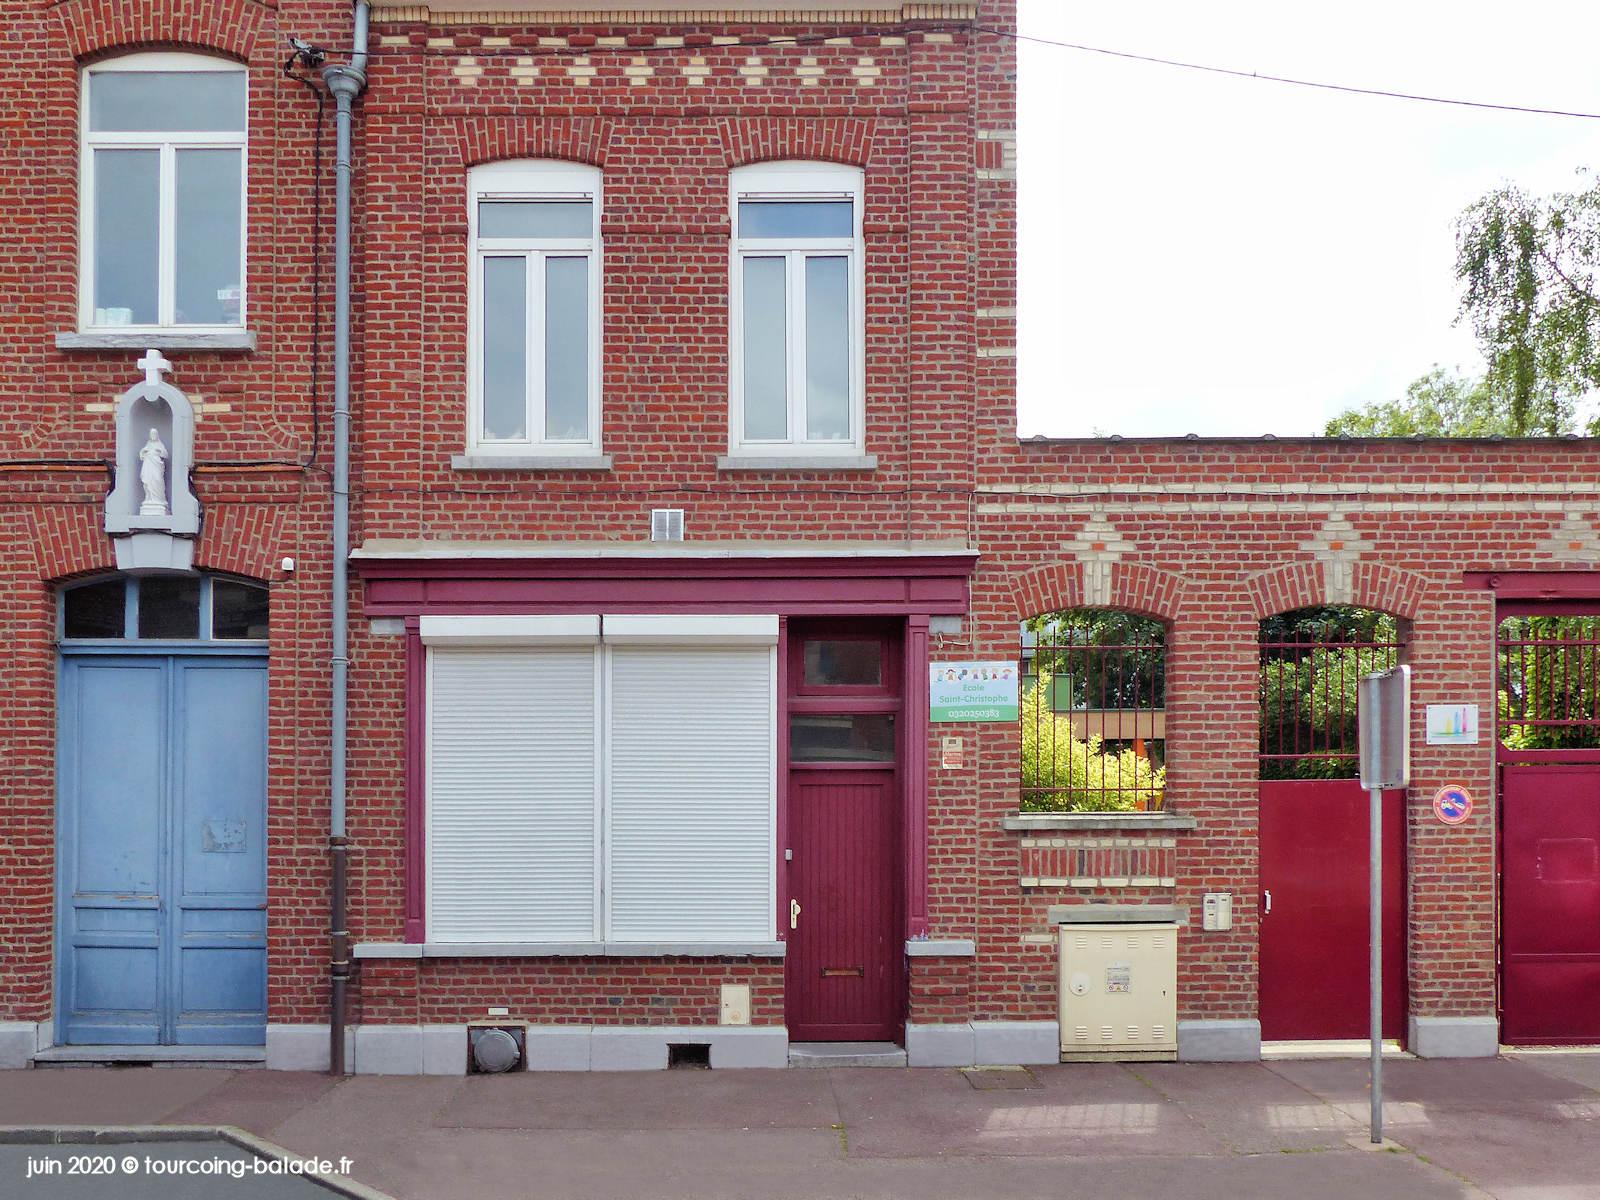 Niche murale de l'École Saint Christophe, Tourcoing 2020